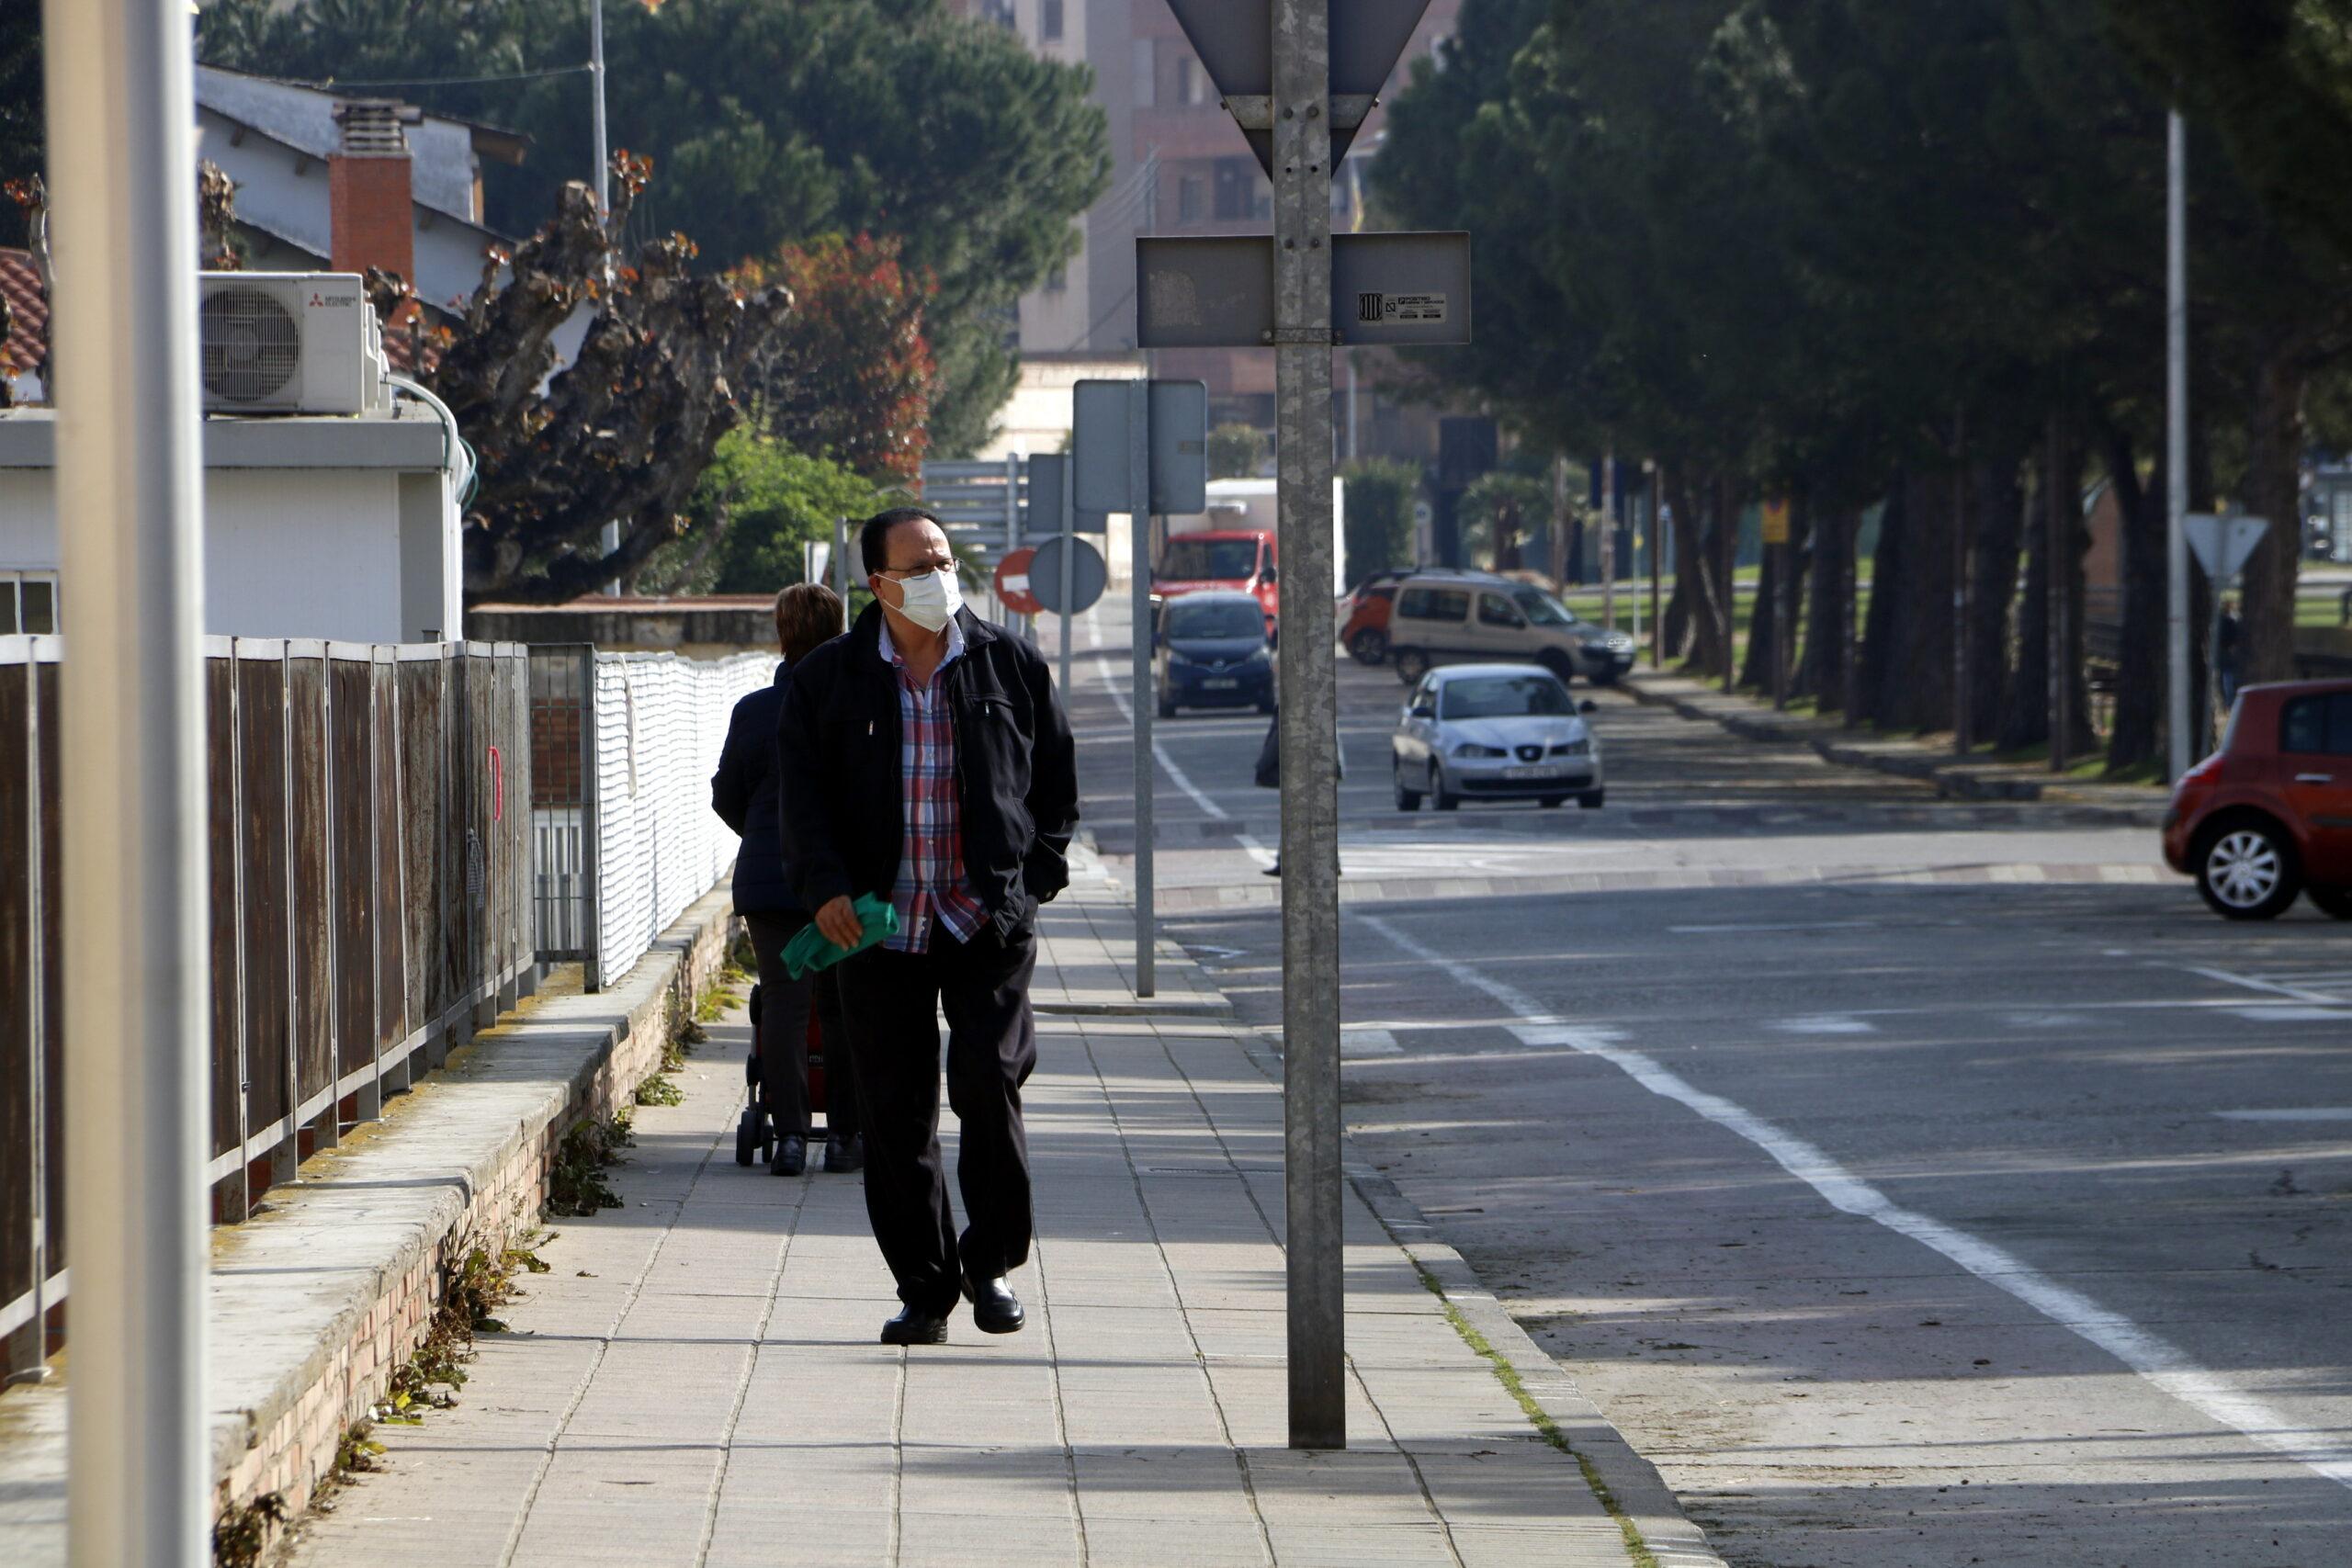 Pla mitjà on es pot veure un senyor amb màscara passant per l'avinguda del Canal de Mollerussa on s'hauria d'estar celebrant la Fira de Sant Josep, suspesa pel coronavirus, el 19 de març de 2020. (Horitzontal)